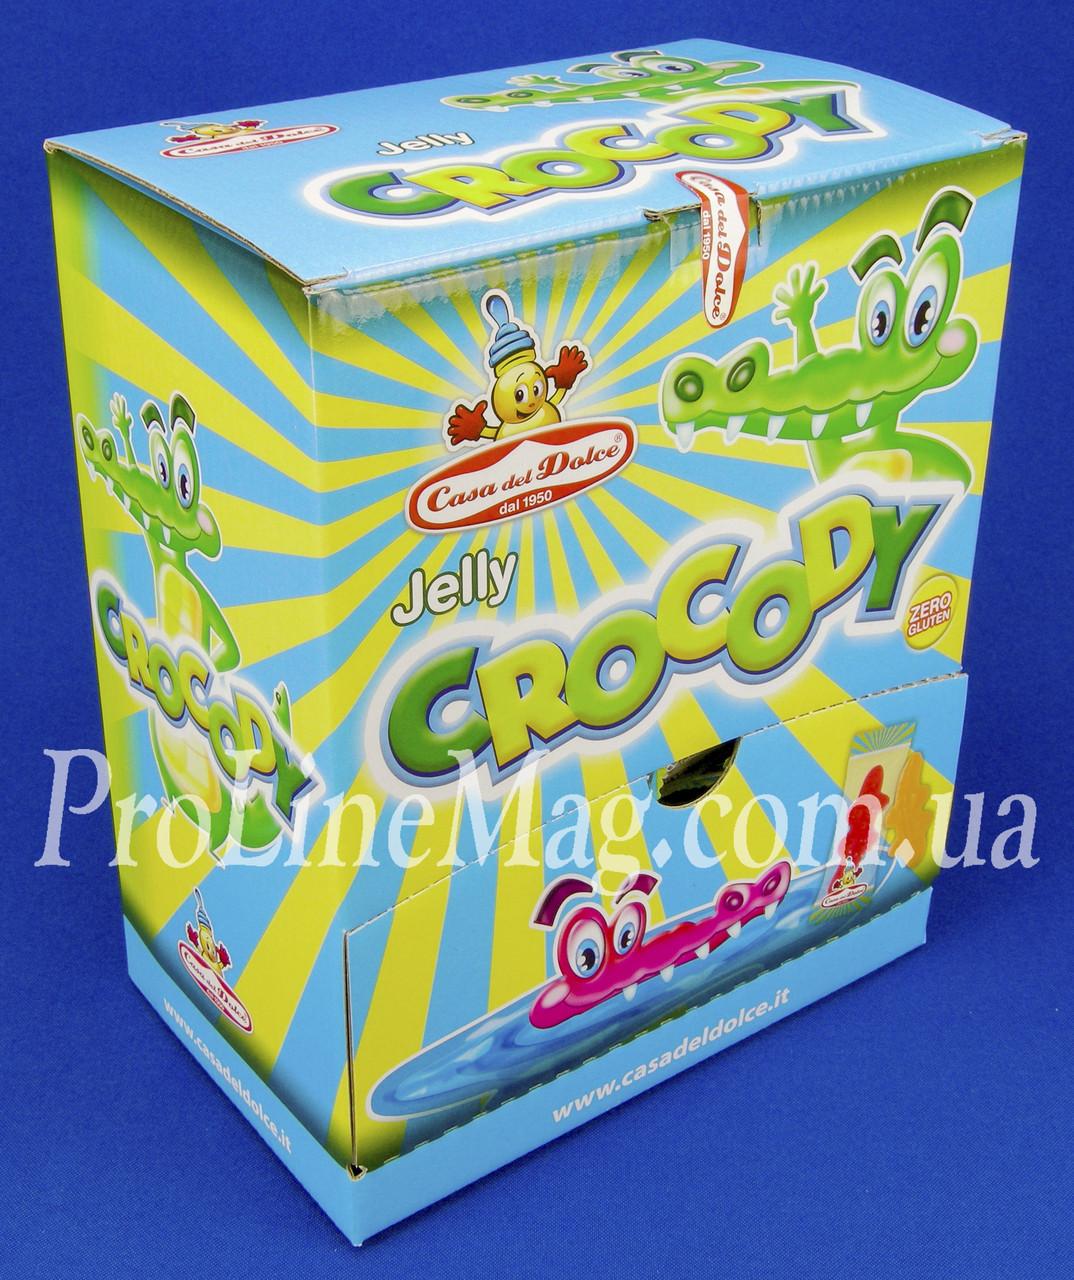 Мармелад Крокодилы Casa del Dolce® Jelly Crocody